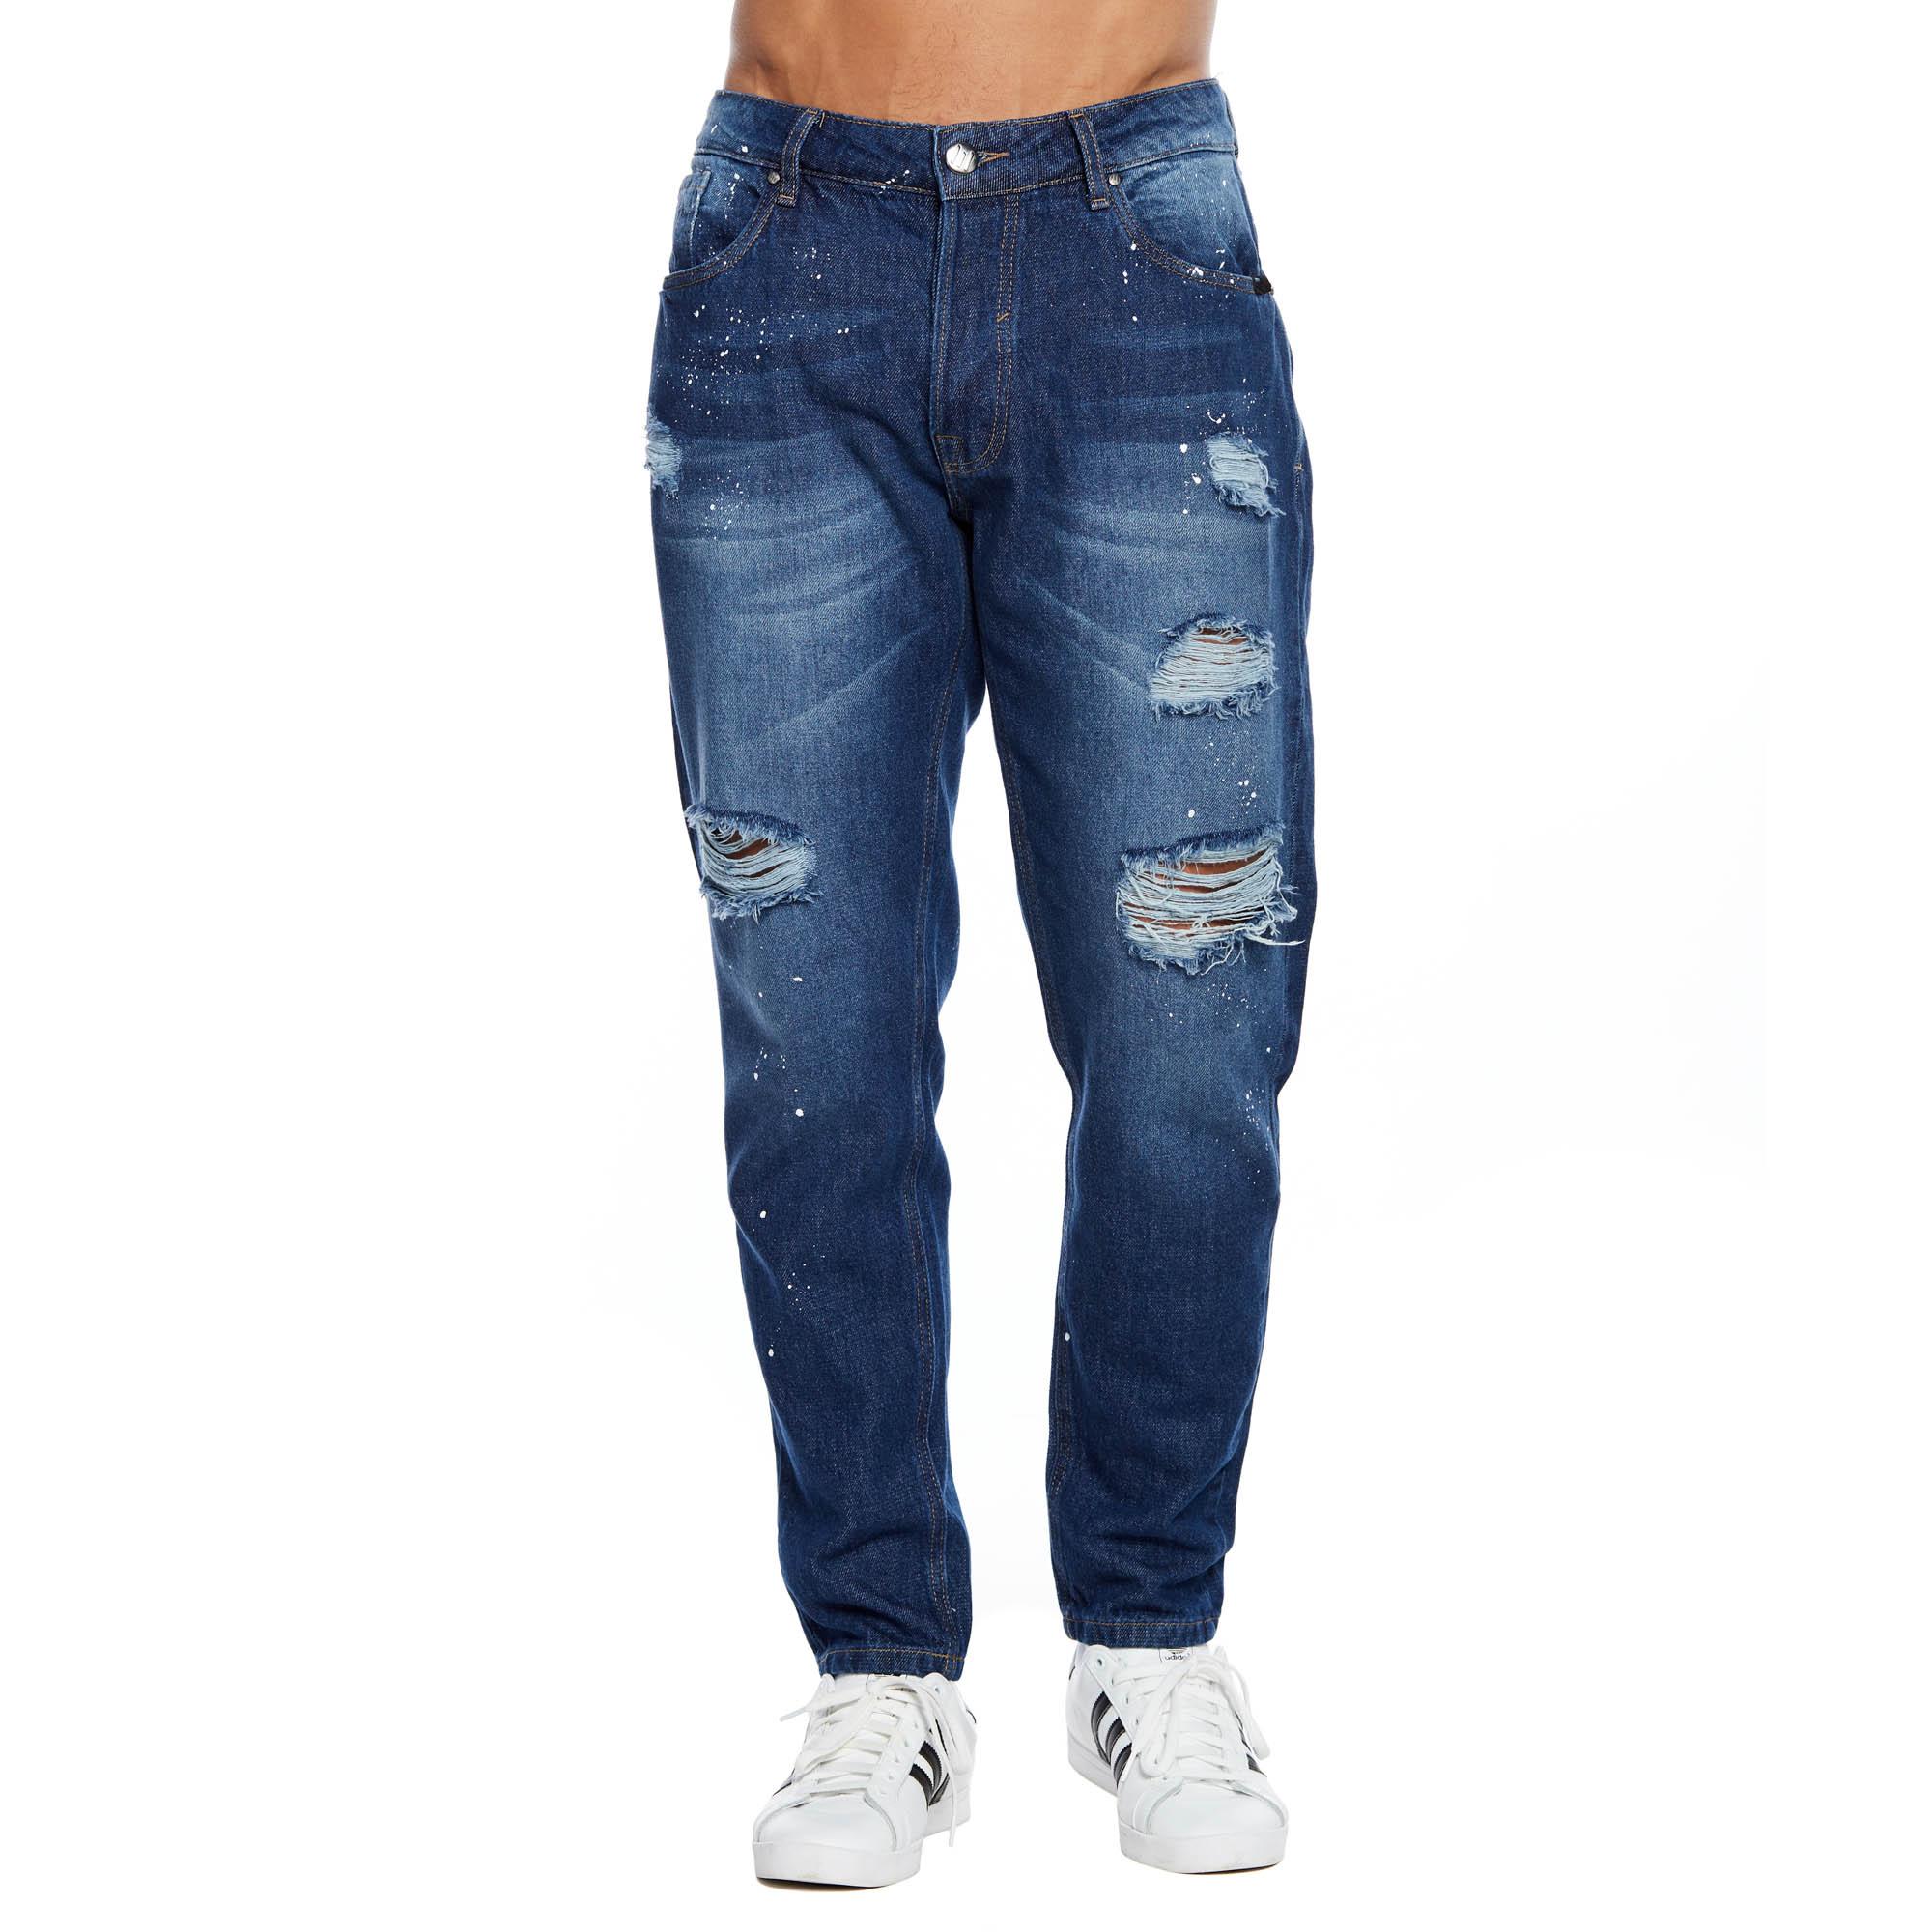 Calça Jeans Premium Slim Straight Evolvee